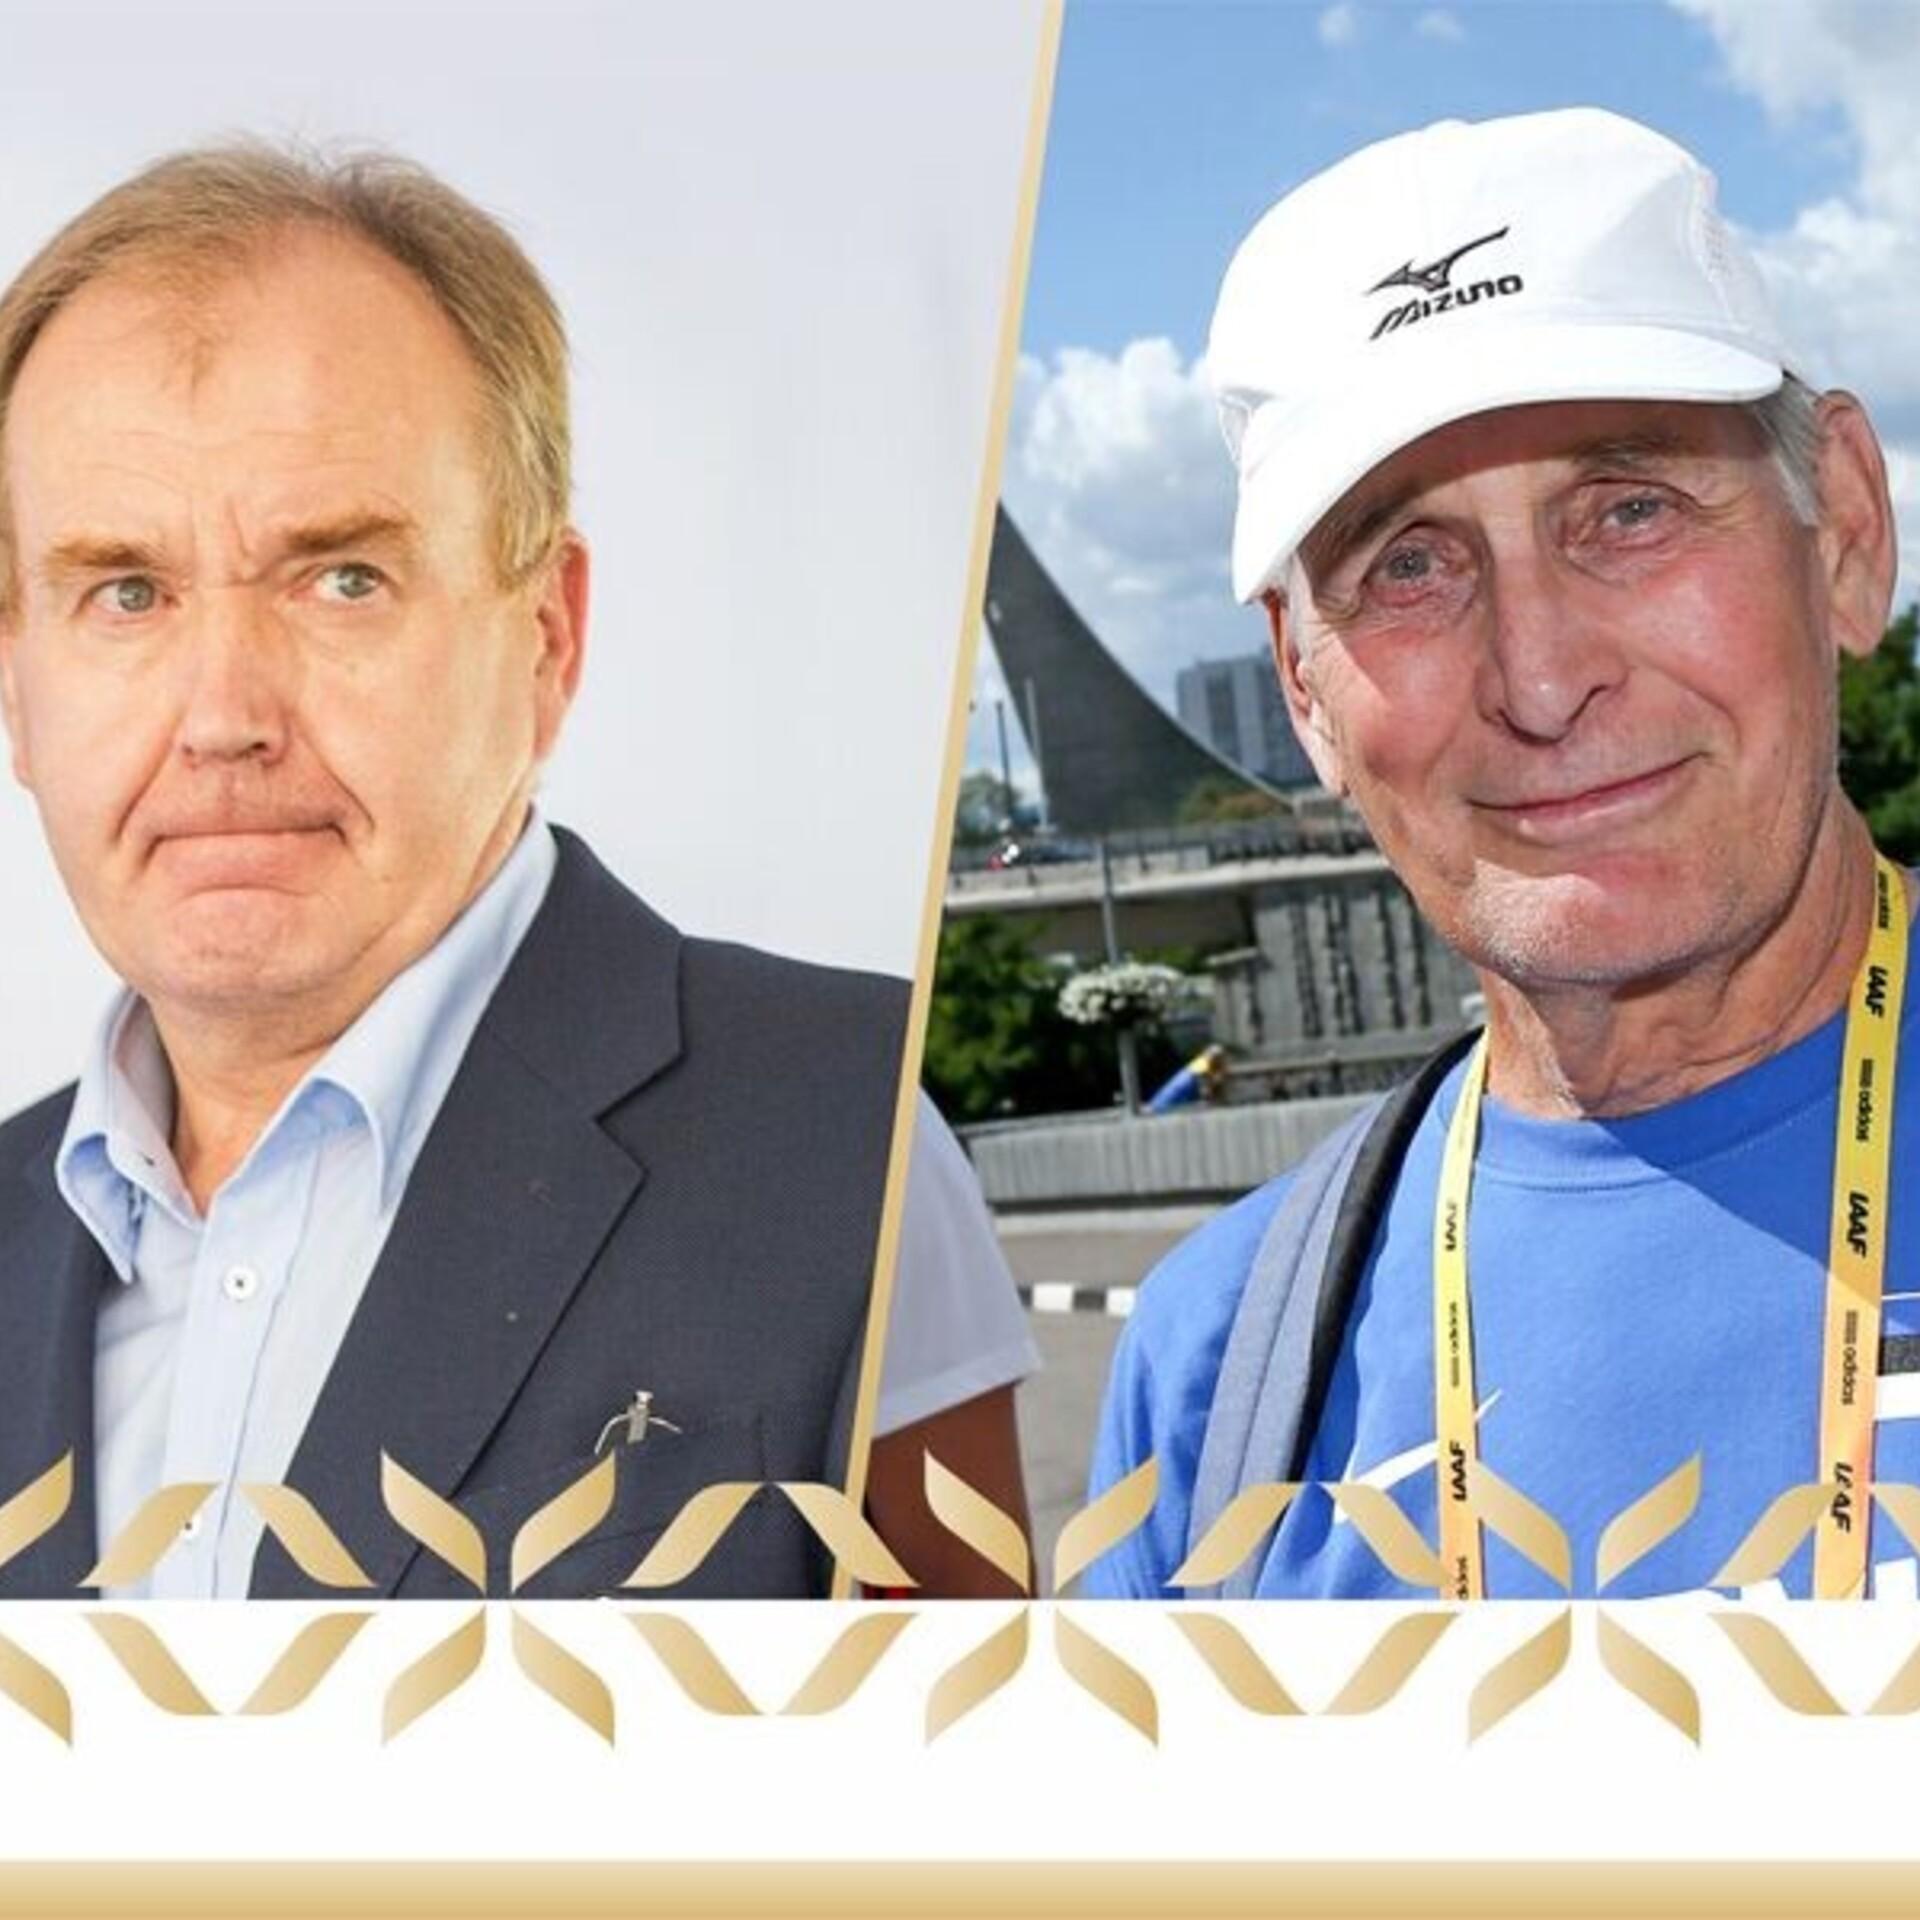 d13628793ff Riiklikud spordi elutööpreemiad pälvisid Toomas Tõnise ja Toomas Merila |  Varia | ERR